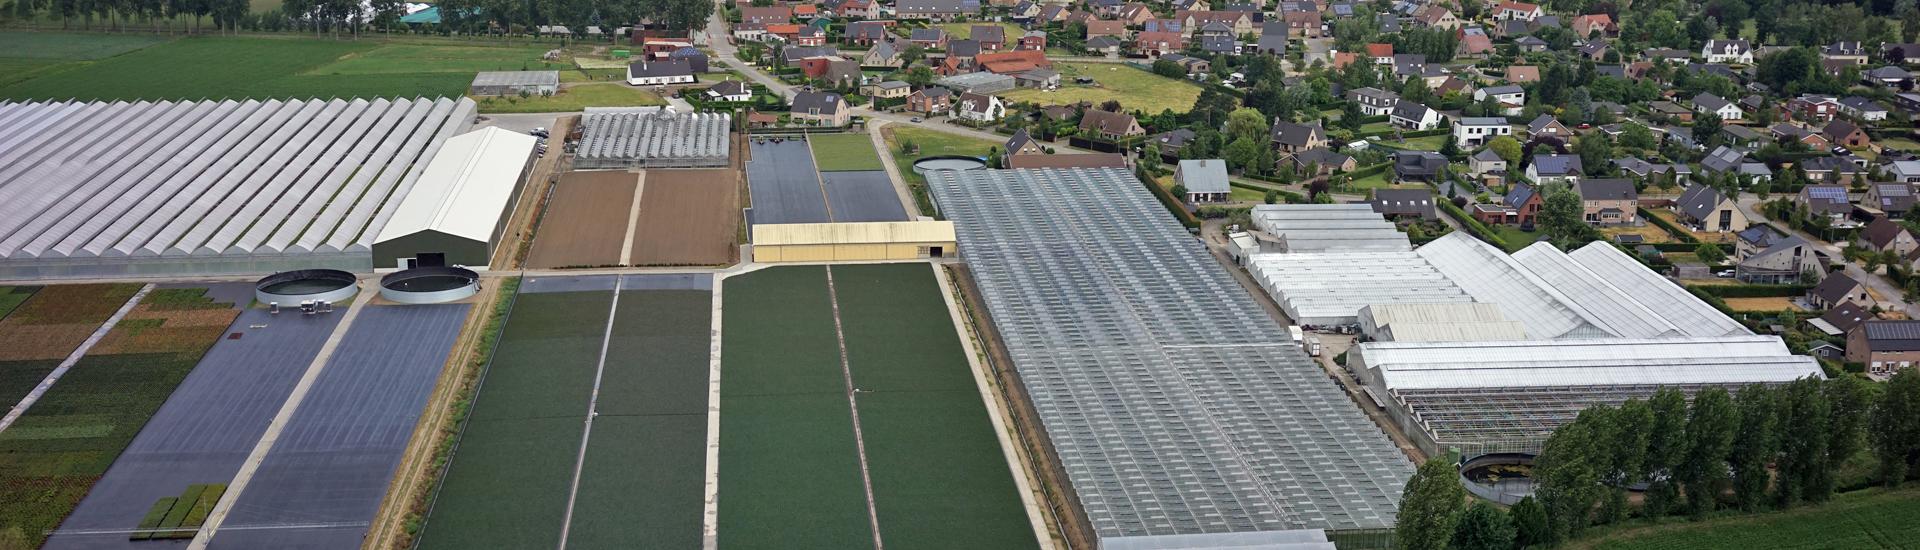 Dronefotografie van bloemenkwekerij